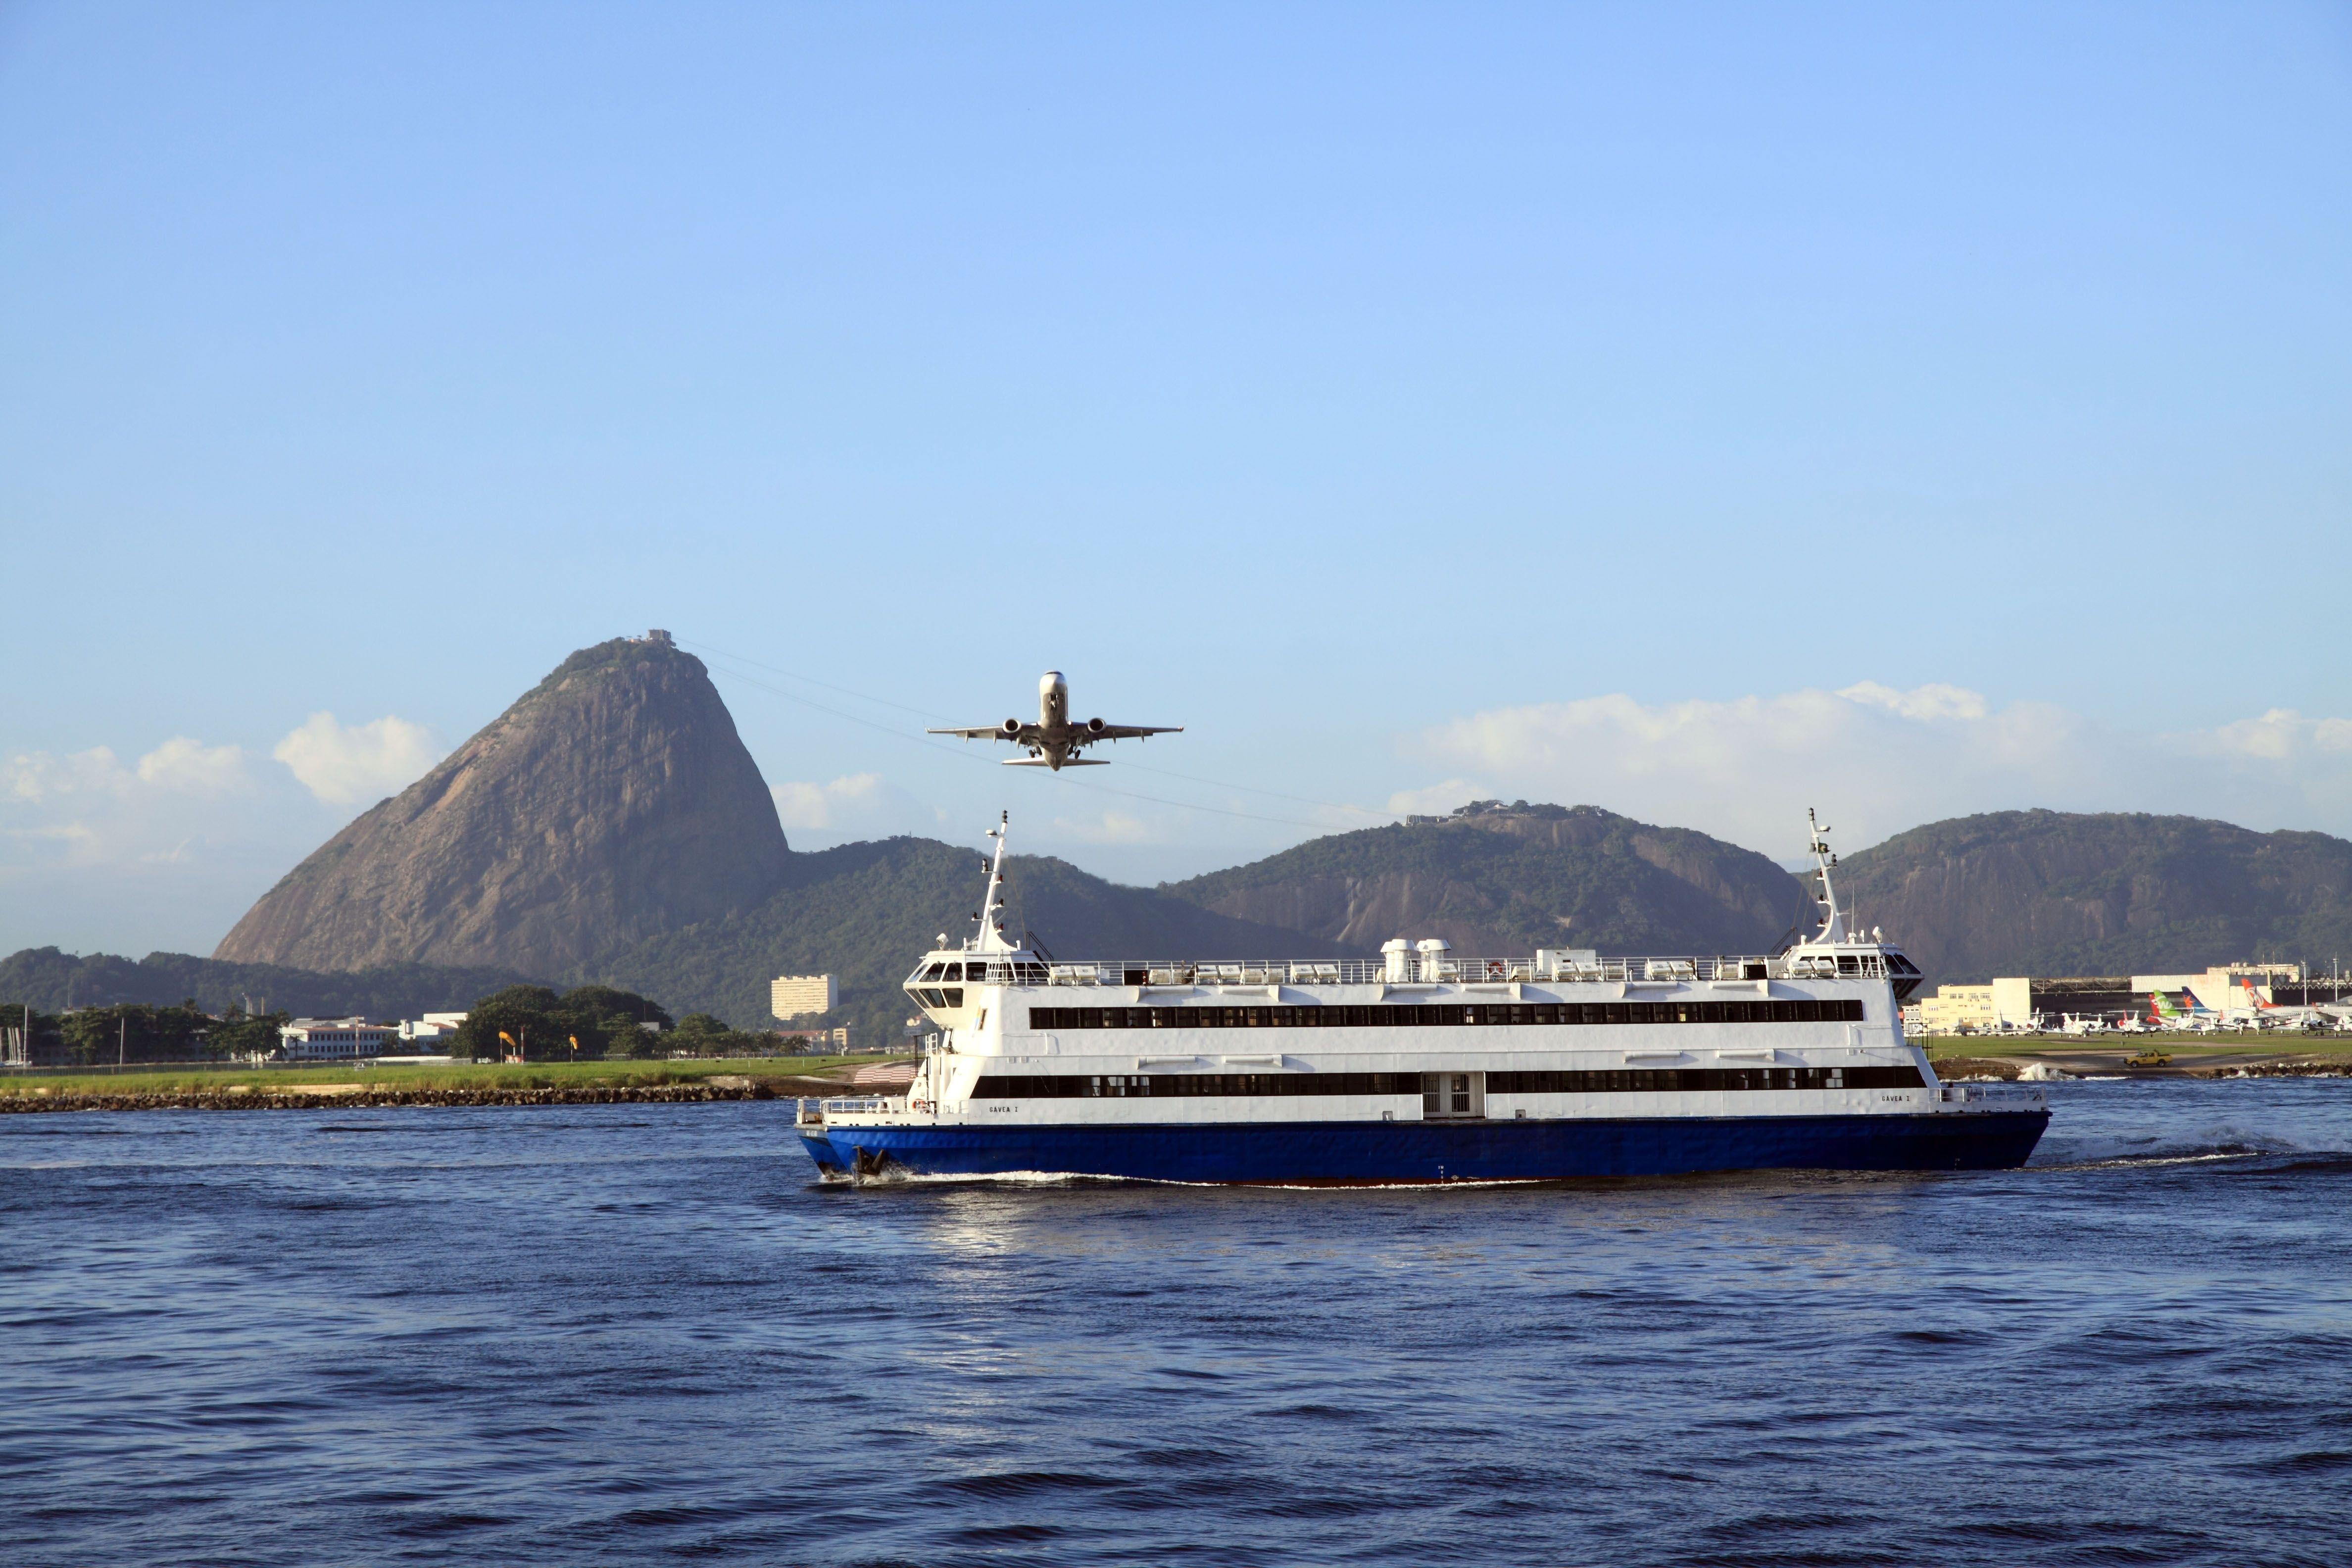 avião decolando do aeroporto santos dumont passando sobre a barca